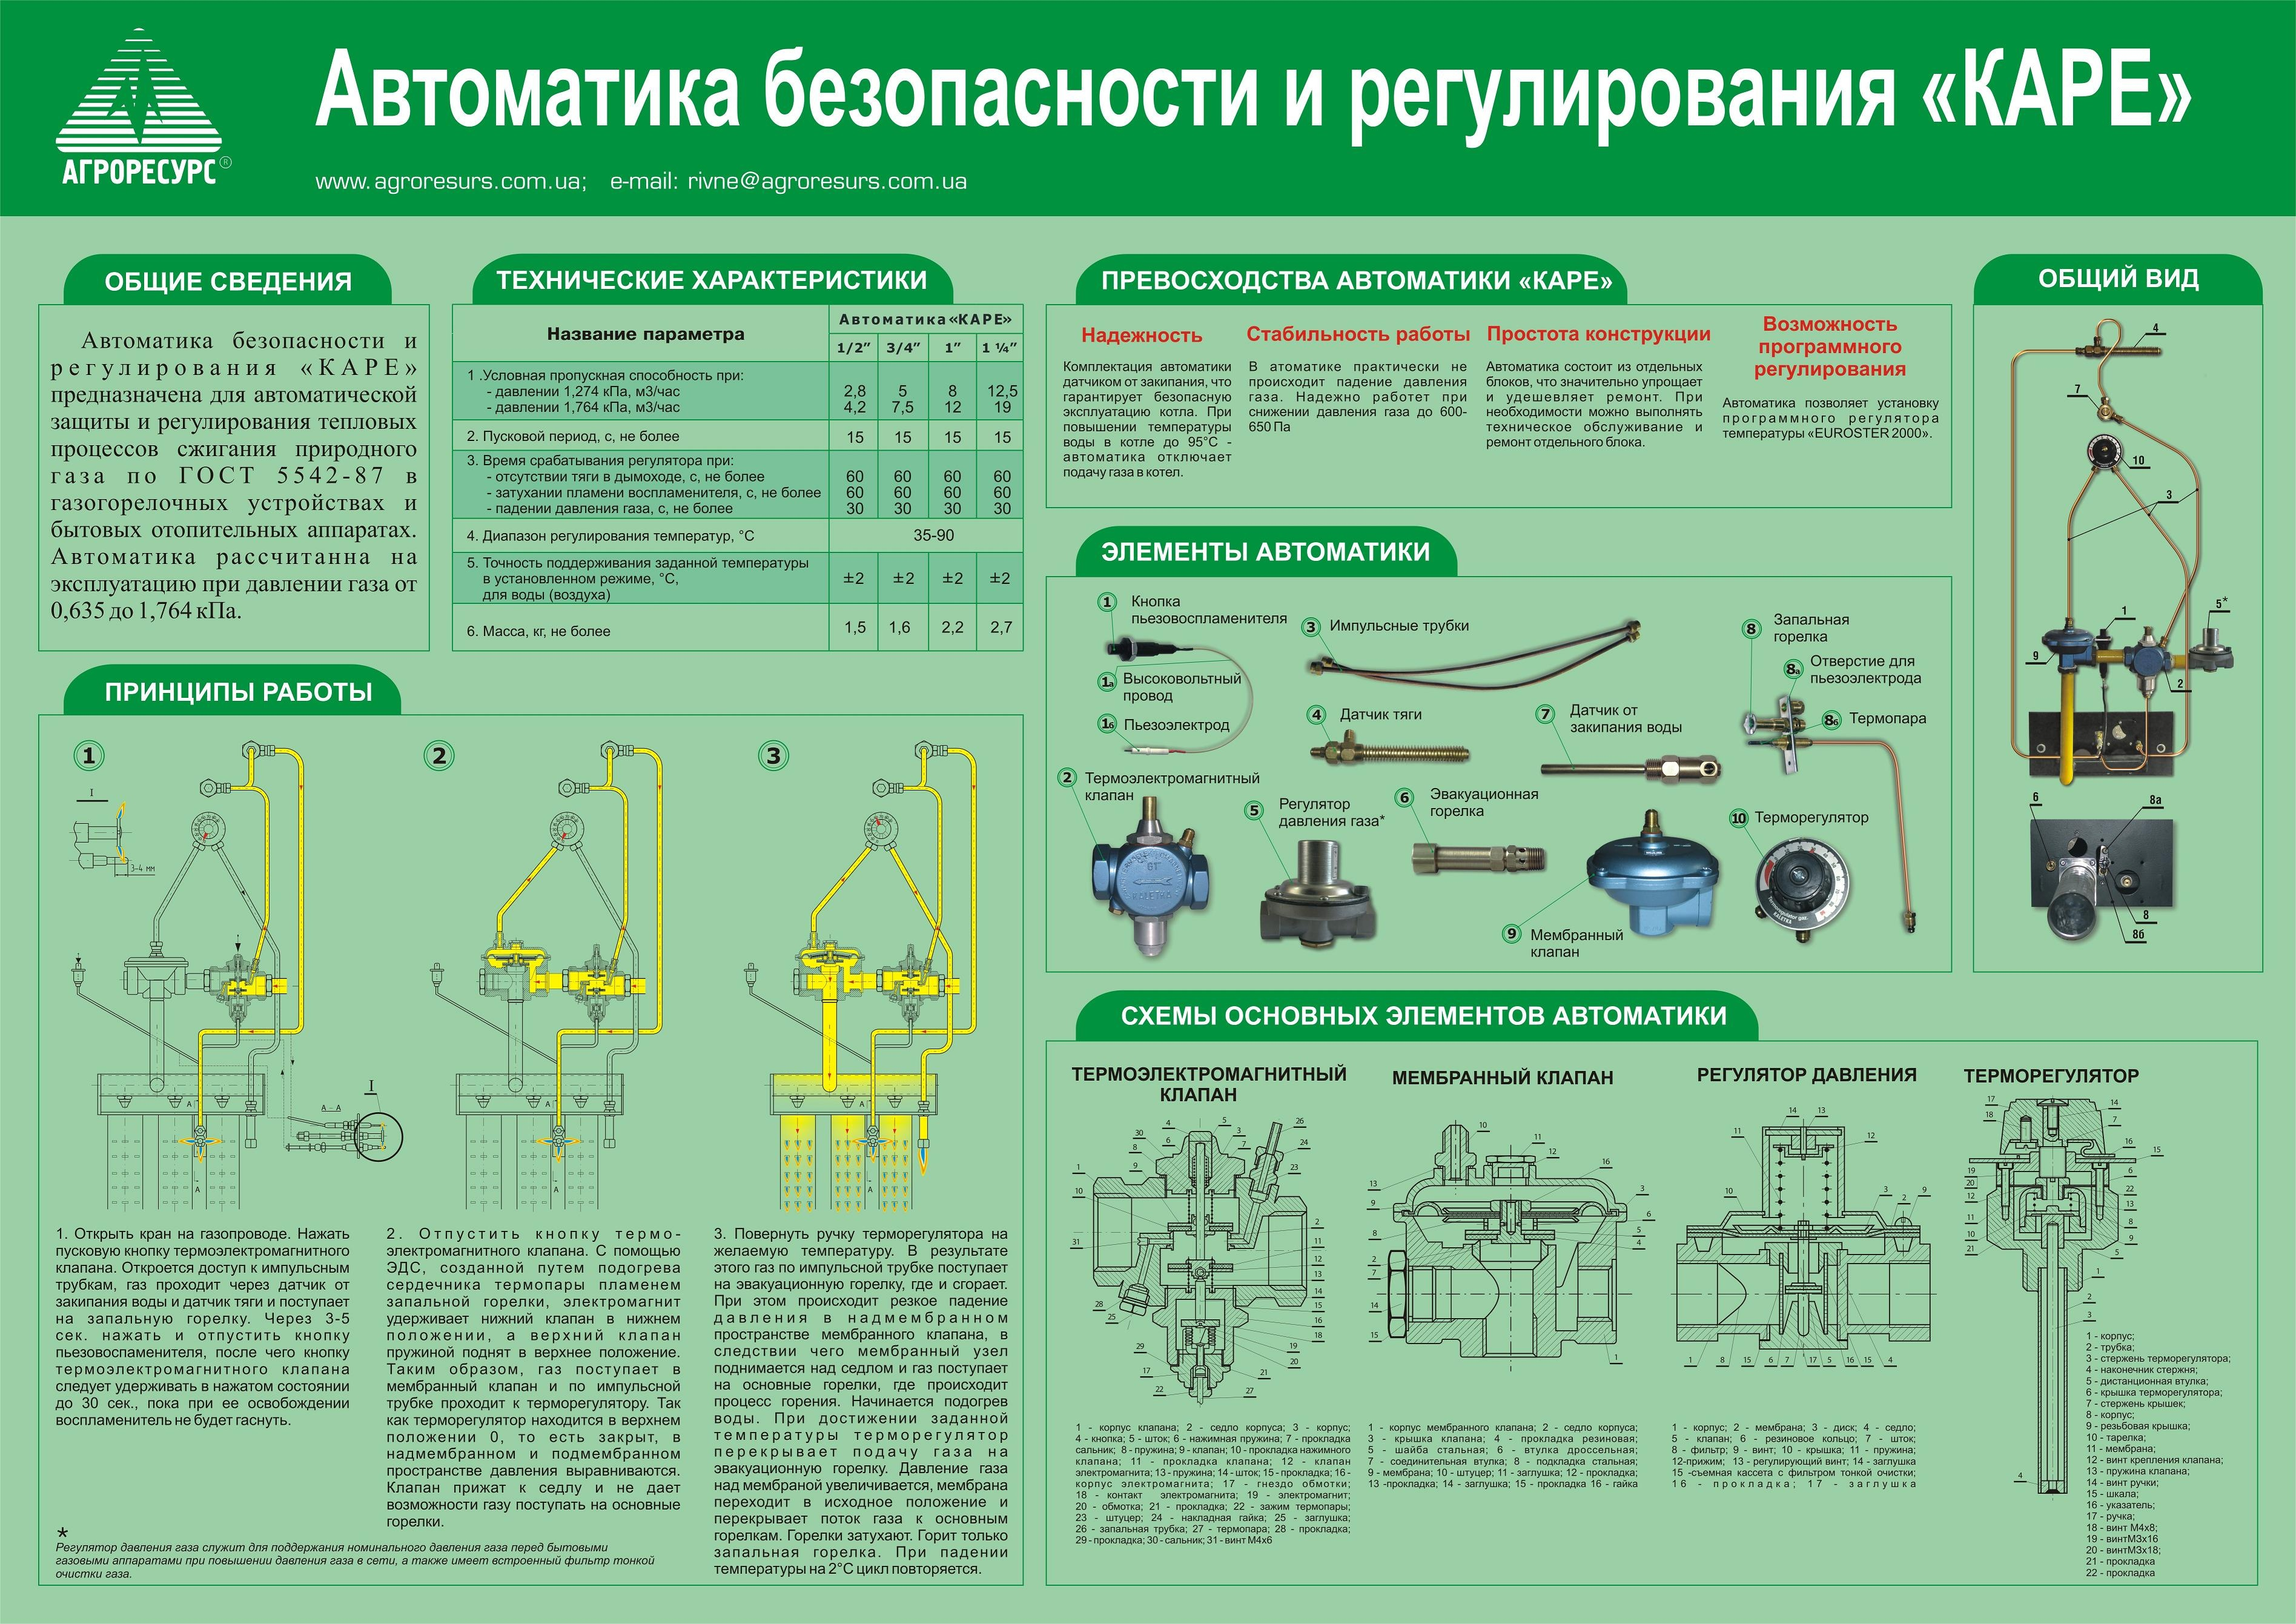 https://www.elation.kiev.ua/Forum/Reduktor/avt-kare.jpg